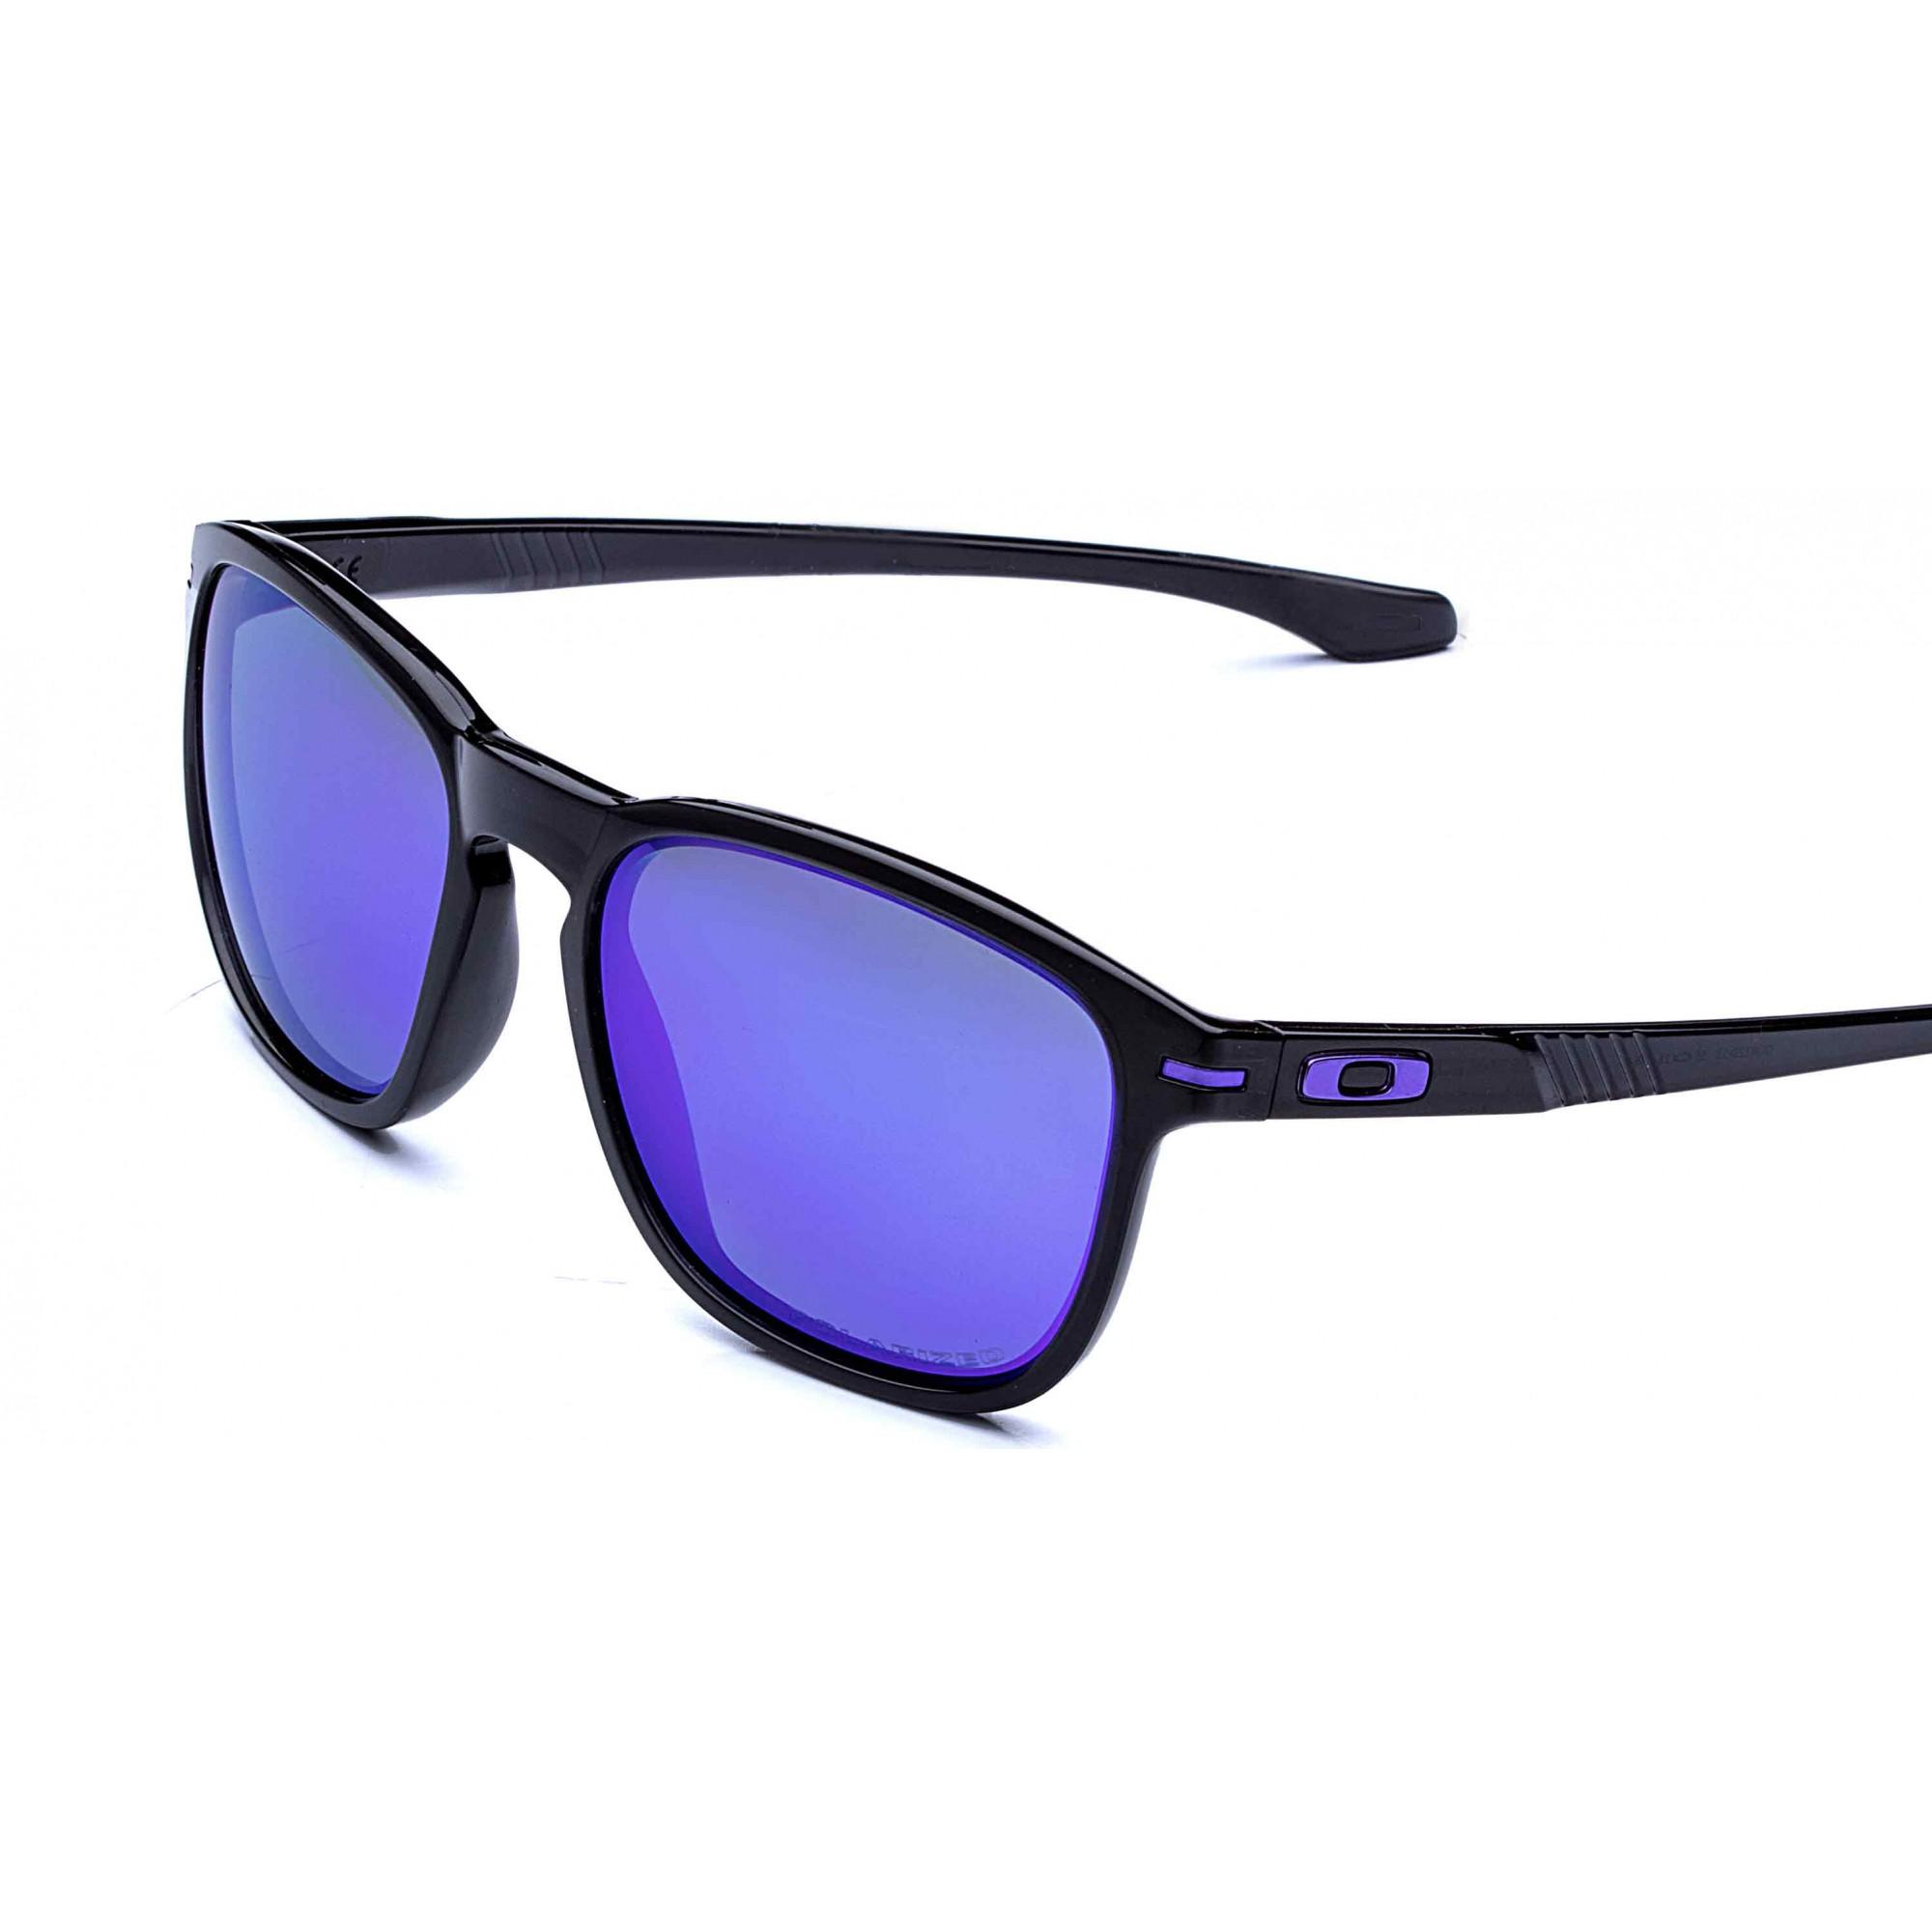 Óculos de Sol Enduro Oakley - Original